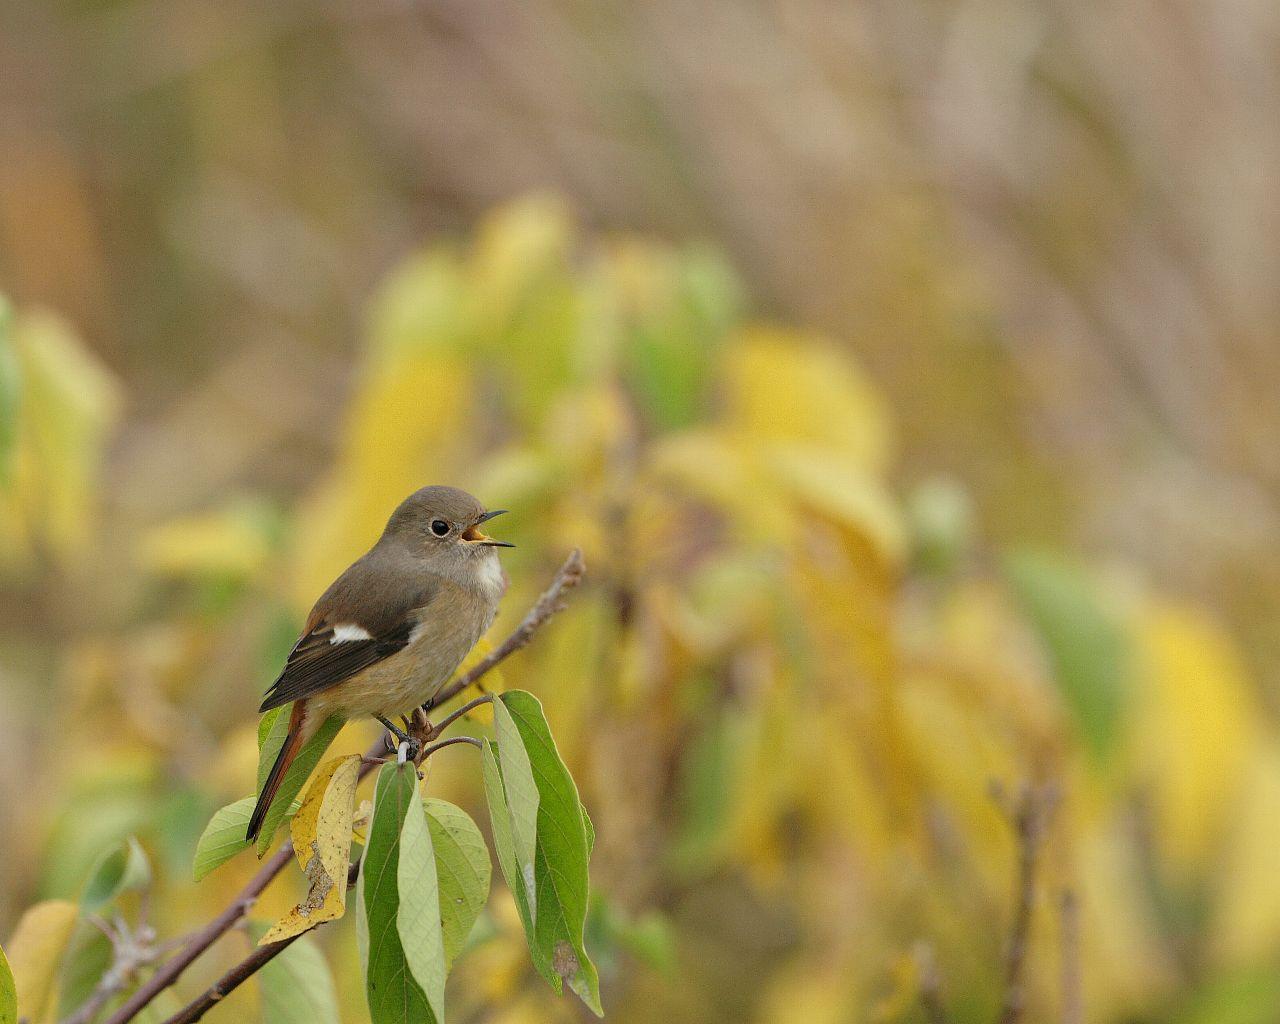 ジョウビタキ雌ちゃんの縄張り宣言(秋らしい背景に可愛い野鳥の壁紙)_f0105570_2224167.jpg